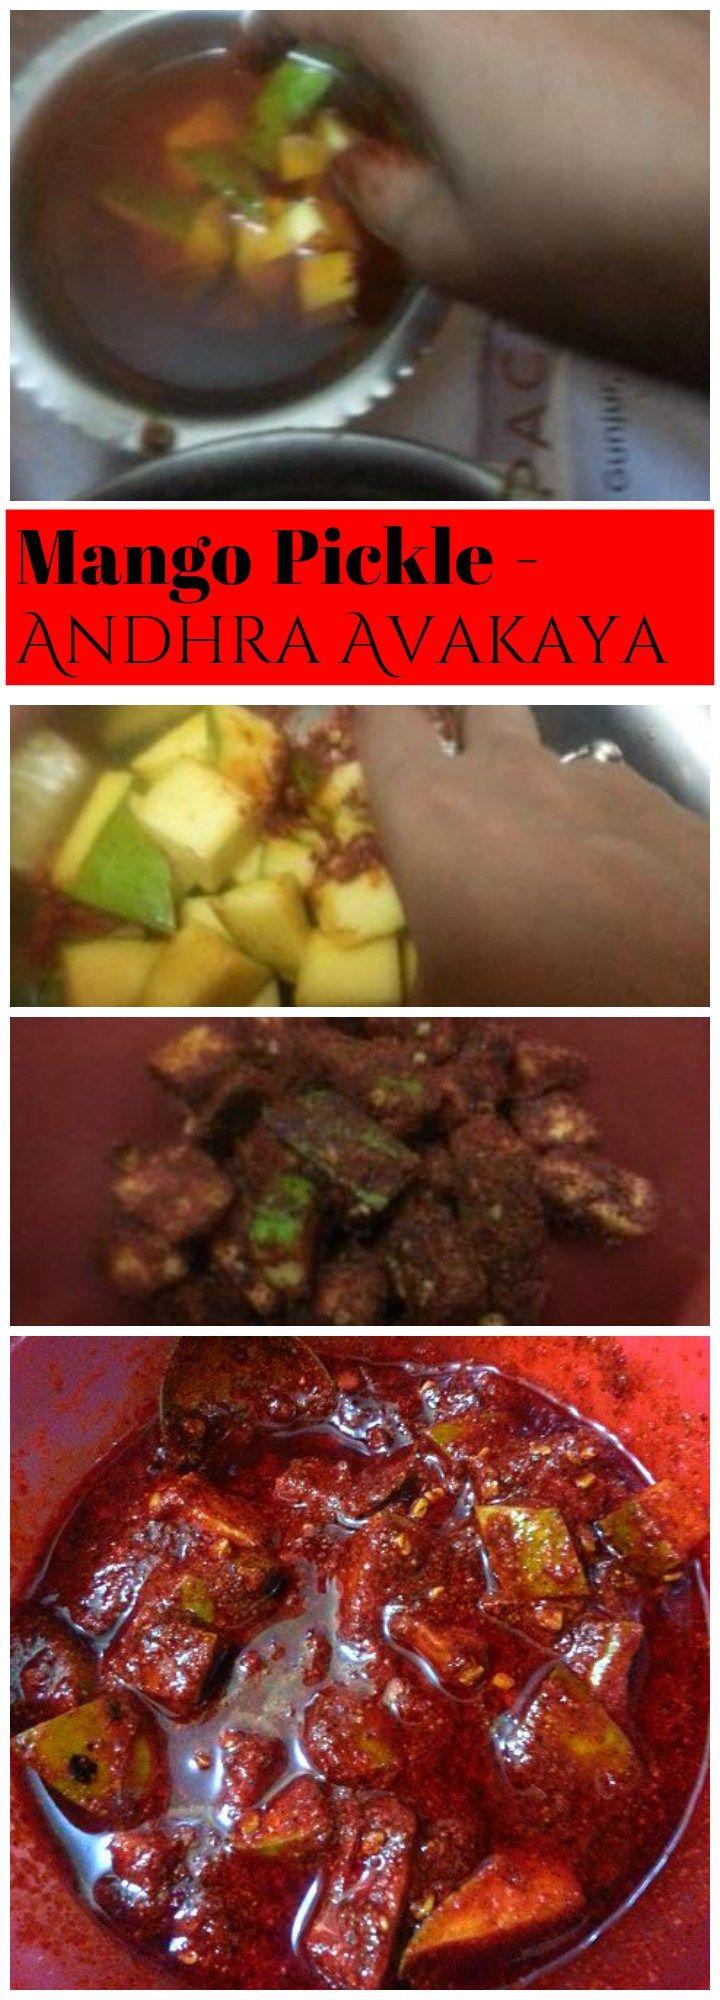 Avakai Pickle Recipe , How To Make Andhra Avakaya